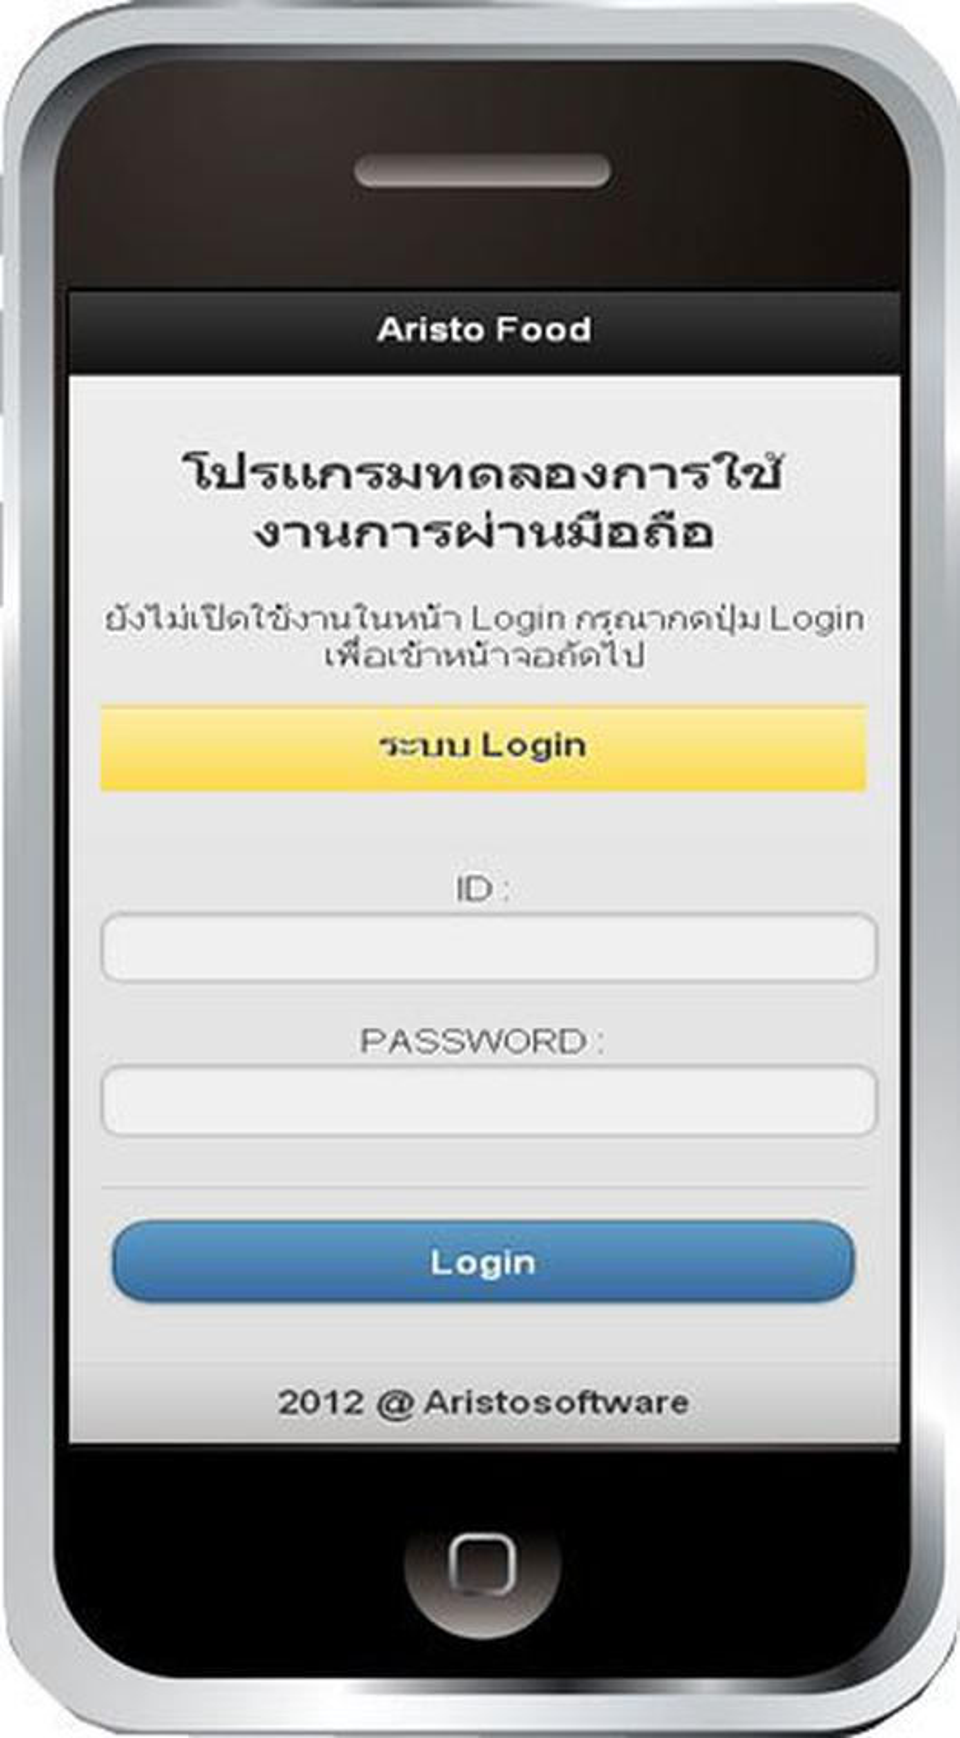 โปรแกรมร้านอาหาร บน android, โปรแกรมร้านอาหาร บน Smart Phone,  โปรแกรมร้านอาหาร บน iPad, โปรแกรมร้านอาหาร บน iPhone, โปร รูปที่ 2